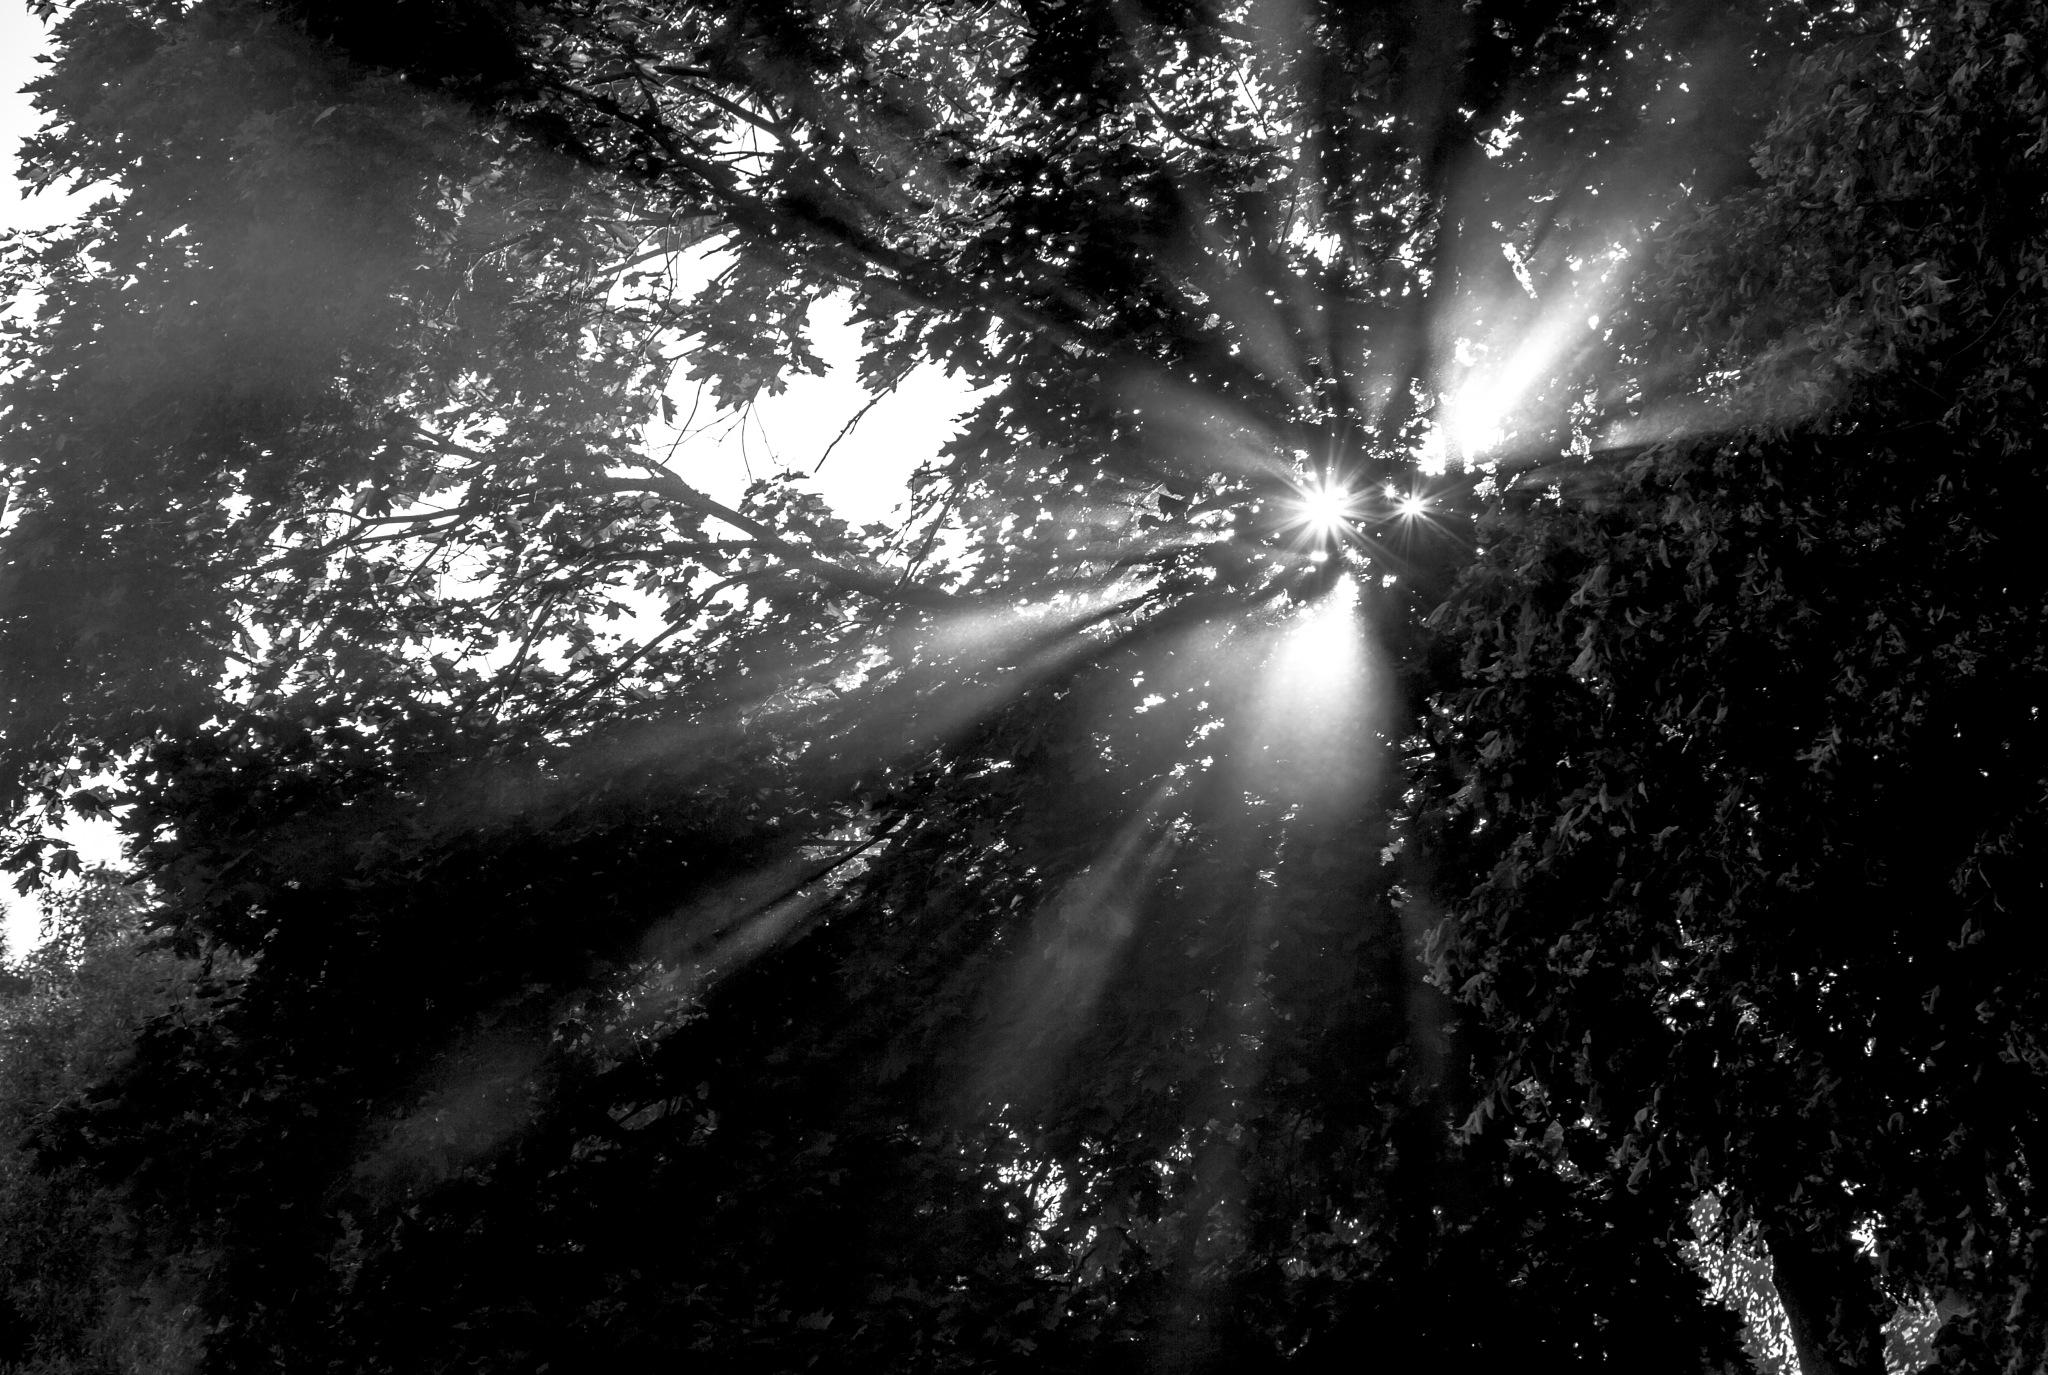 Rays by Saulius Mikalauskas